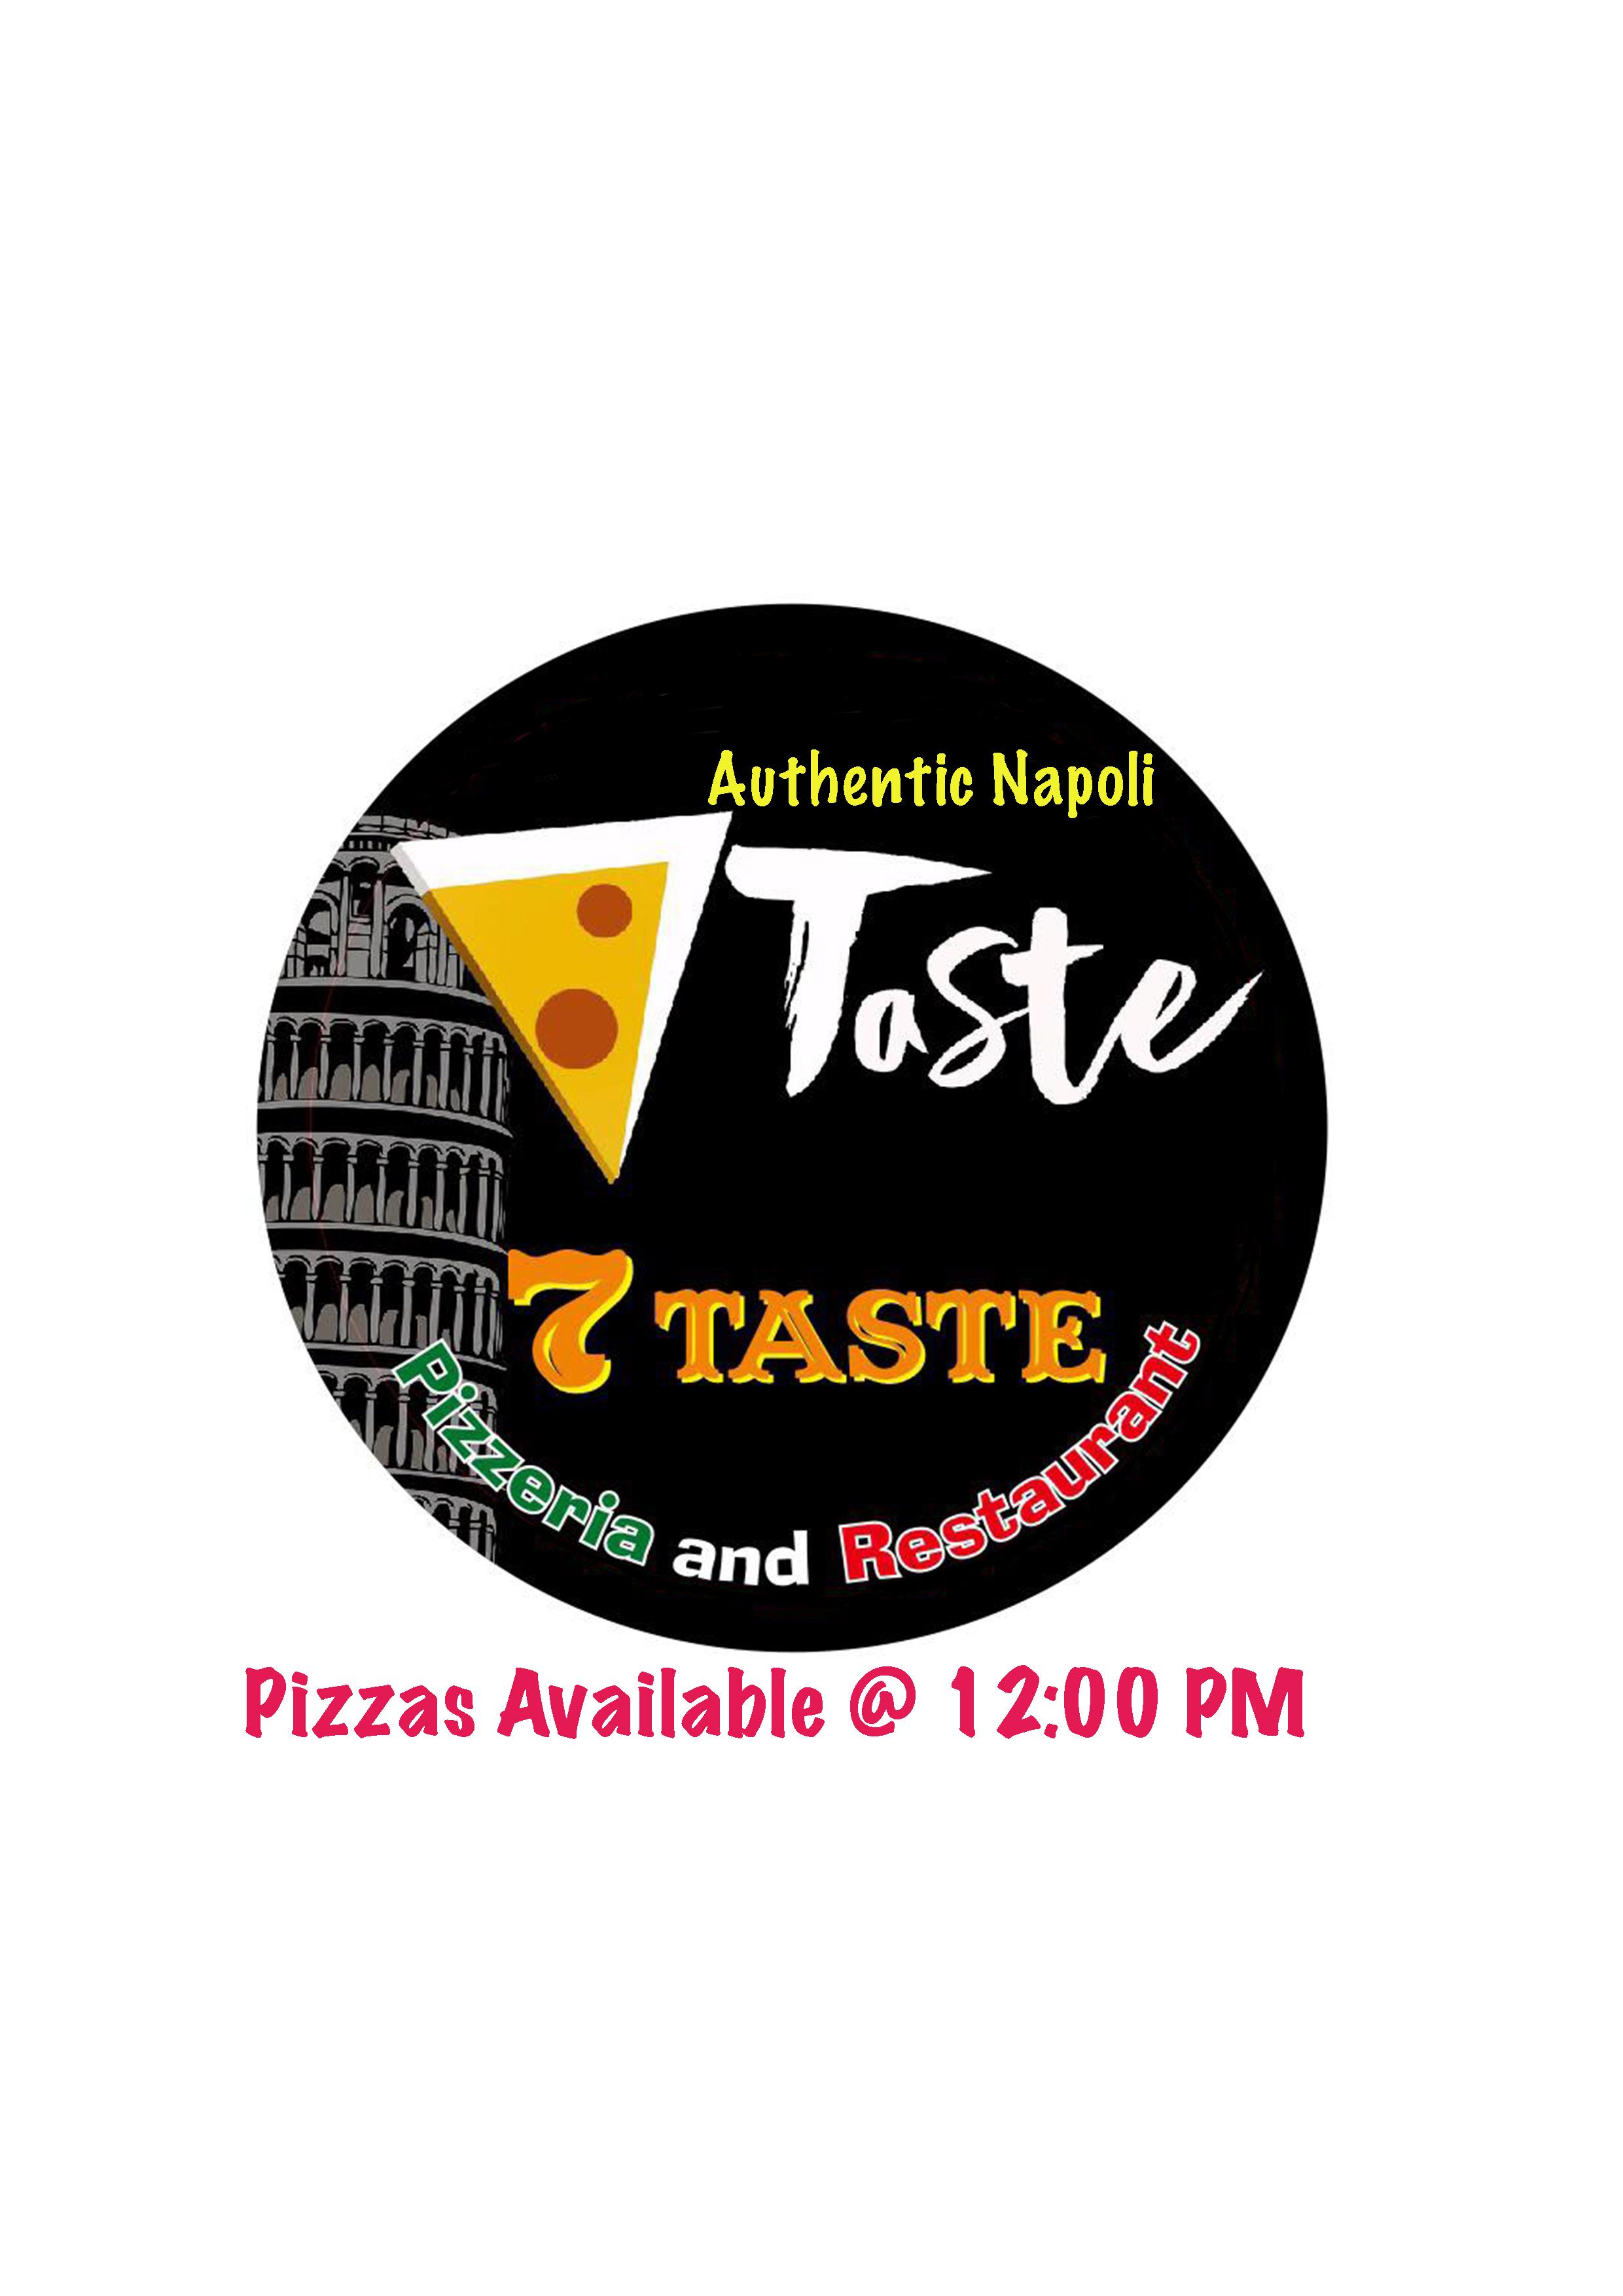 7 Taste